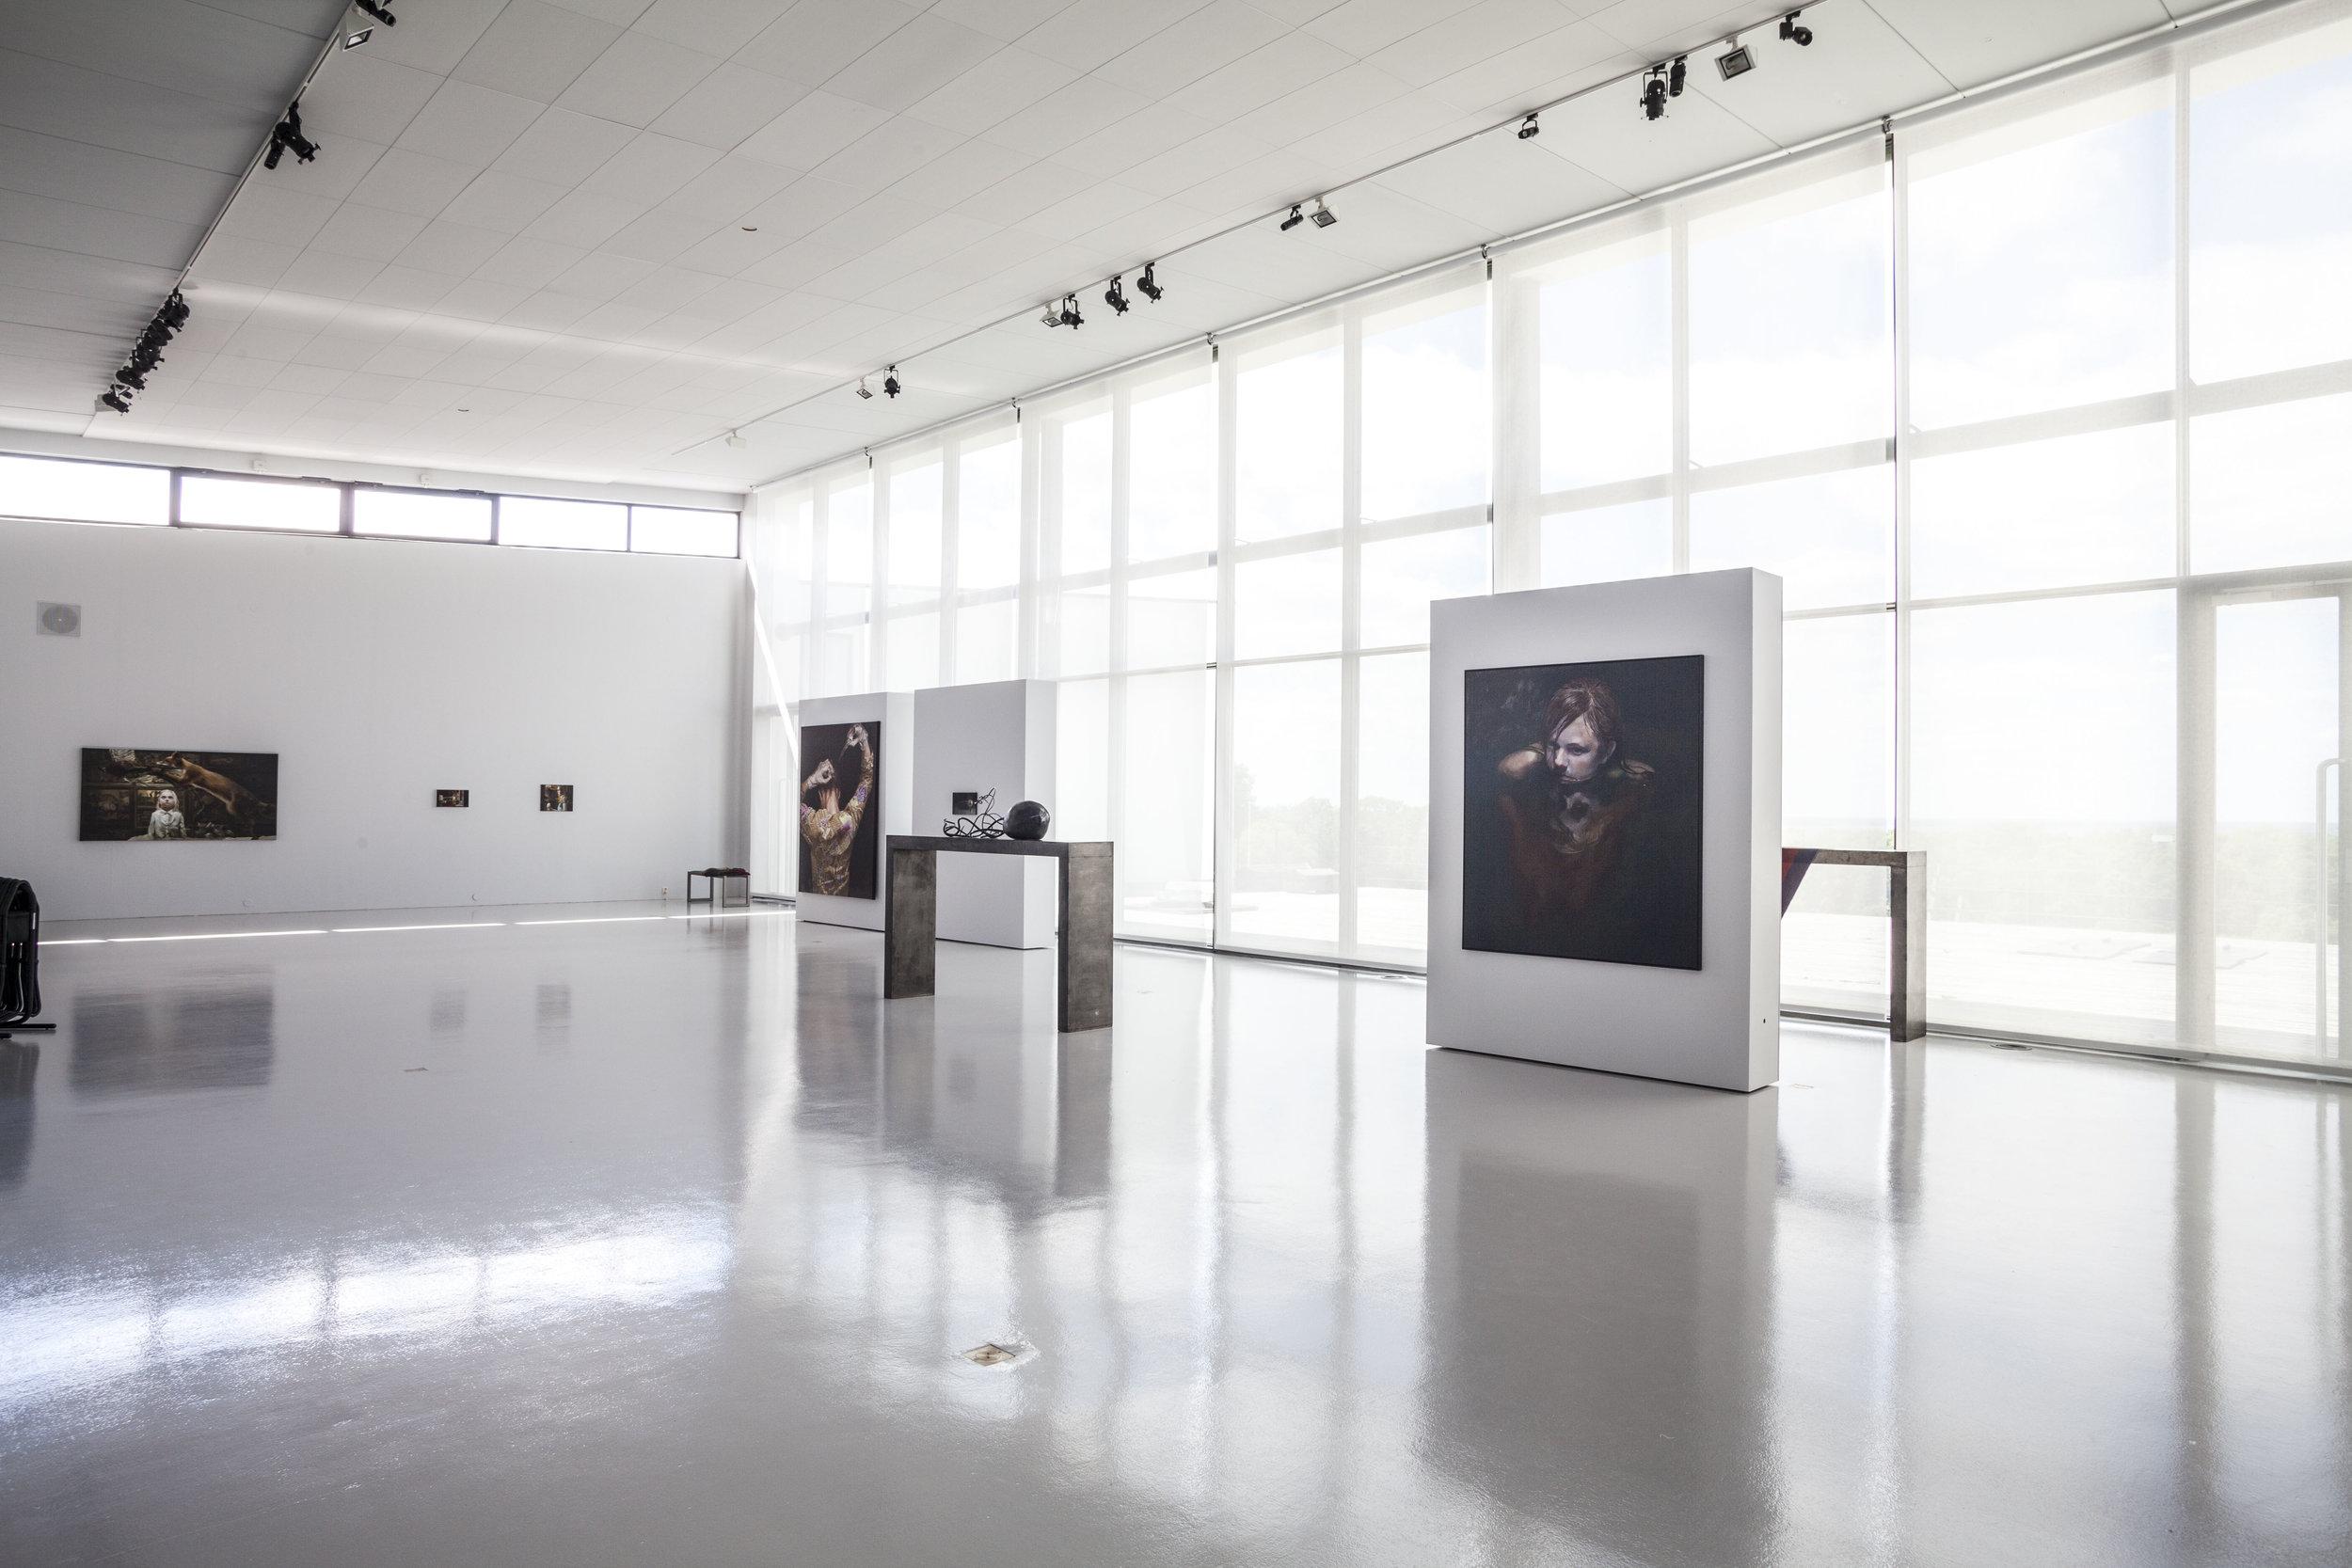 Installation image from VIDA Museum, Sweden, 2015, Markus Åkessonbild VIDA Markus Åkesson 2015_5.jpg